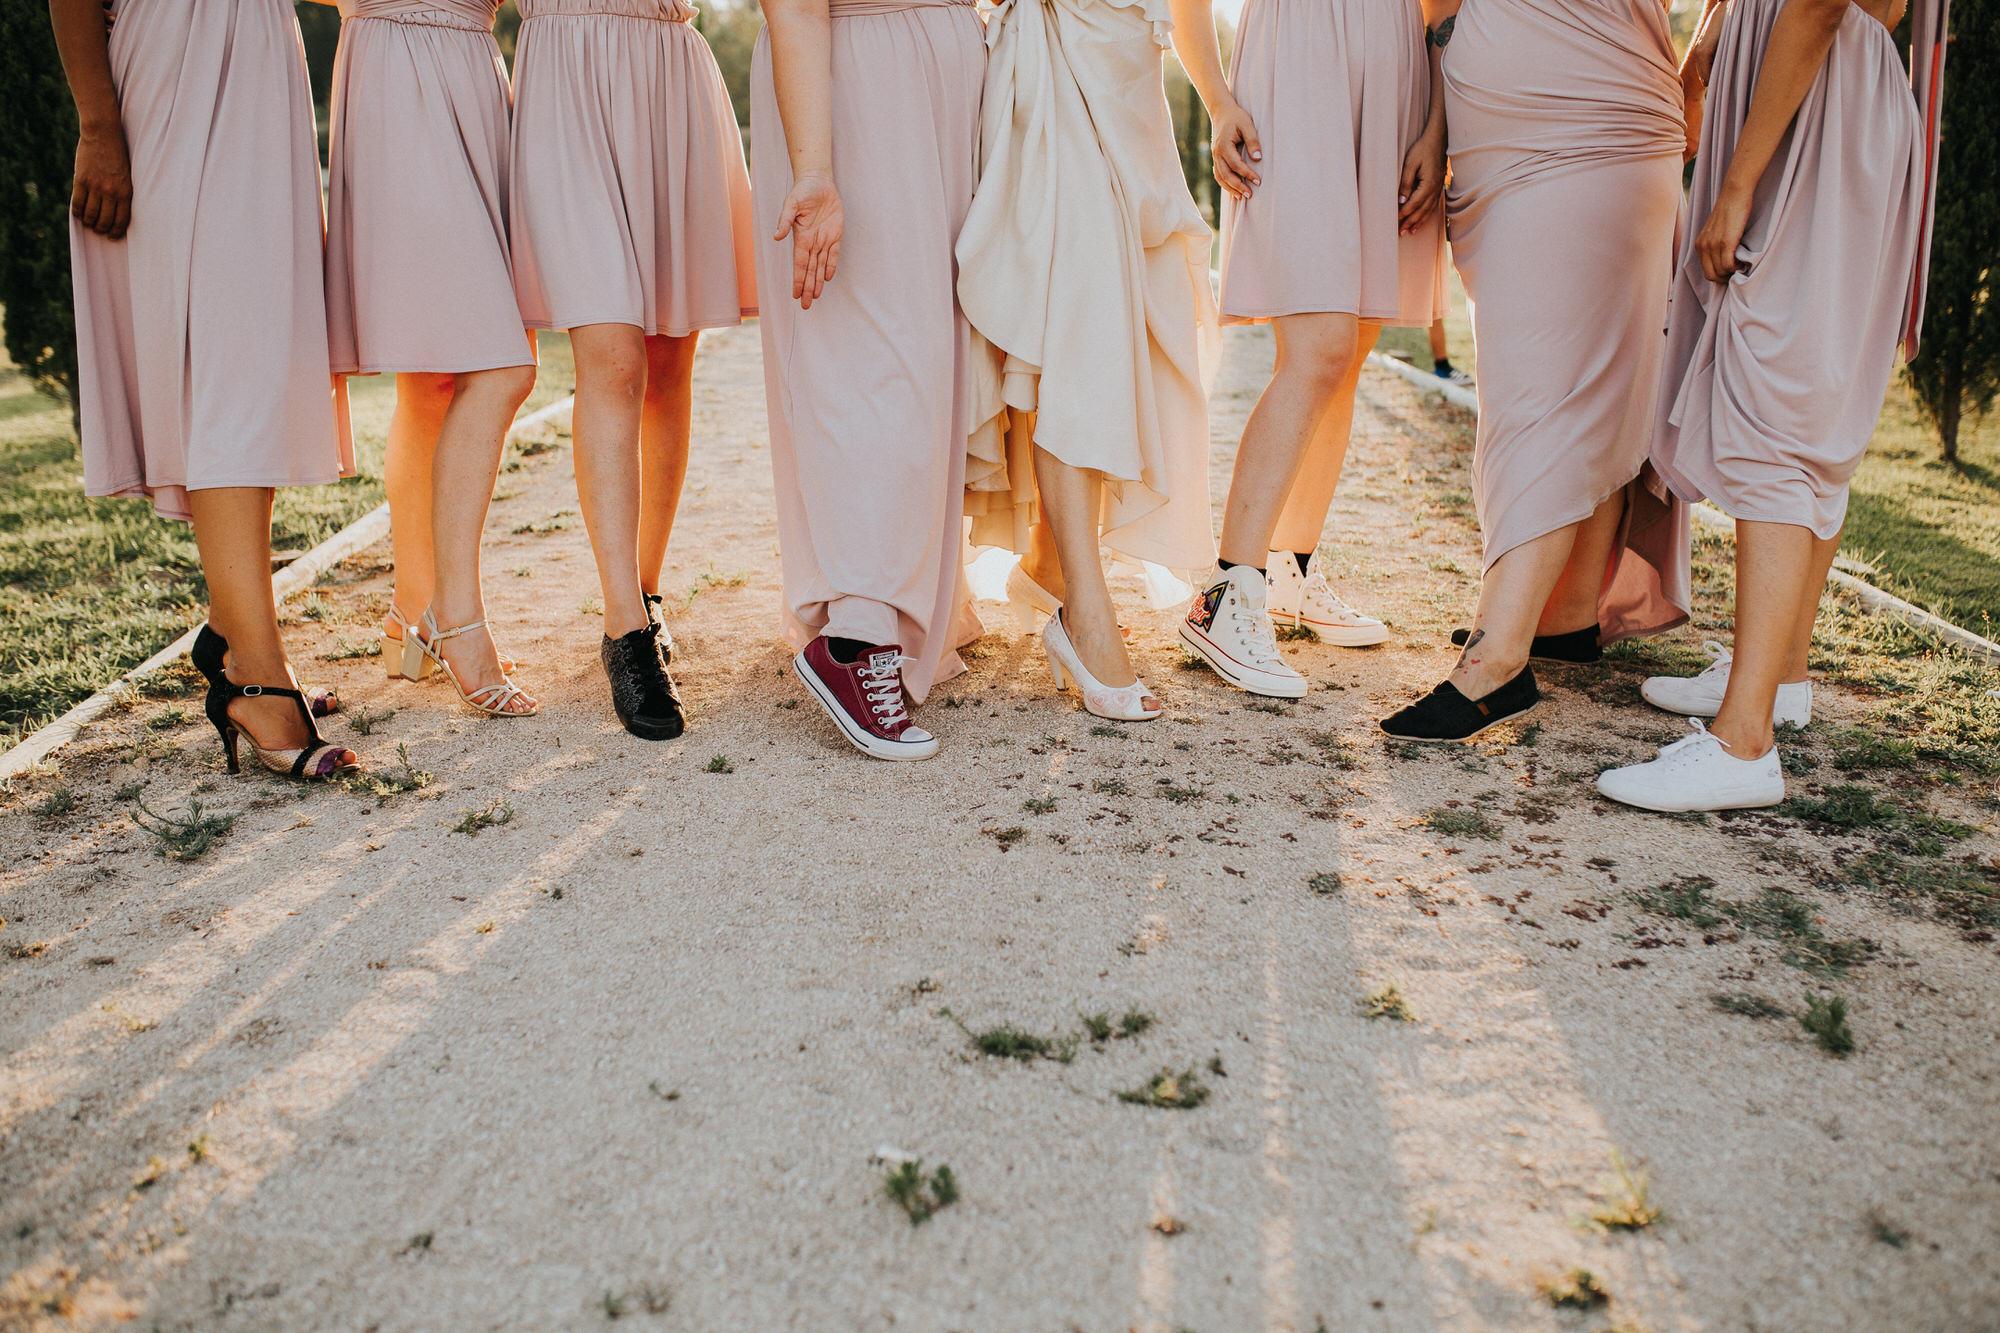 Filipe Santiago Fotografia-fotografo-malveira-lisboa-cascais-mafra-melhores-reportagem-wedding-photography-portugal-lisbon-best-natural-casamentos-lifestyle-bride-ideias-rustic-boho-hair-mackup-damas-preparativos-preparations-bridemaids-dress-shoes-bouquet-trends-church-cerimony-saida-igreja-dicas-session-welcome-best-venue-quinta-monte-redondo-melhores quintas-decor-decoração